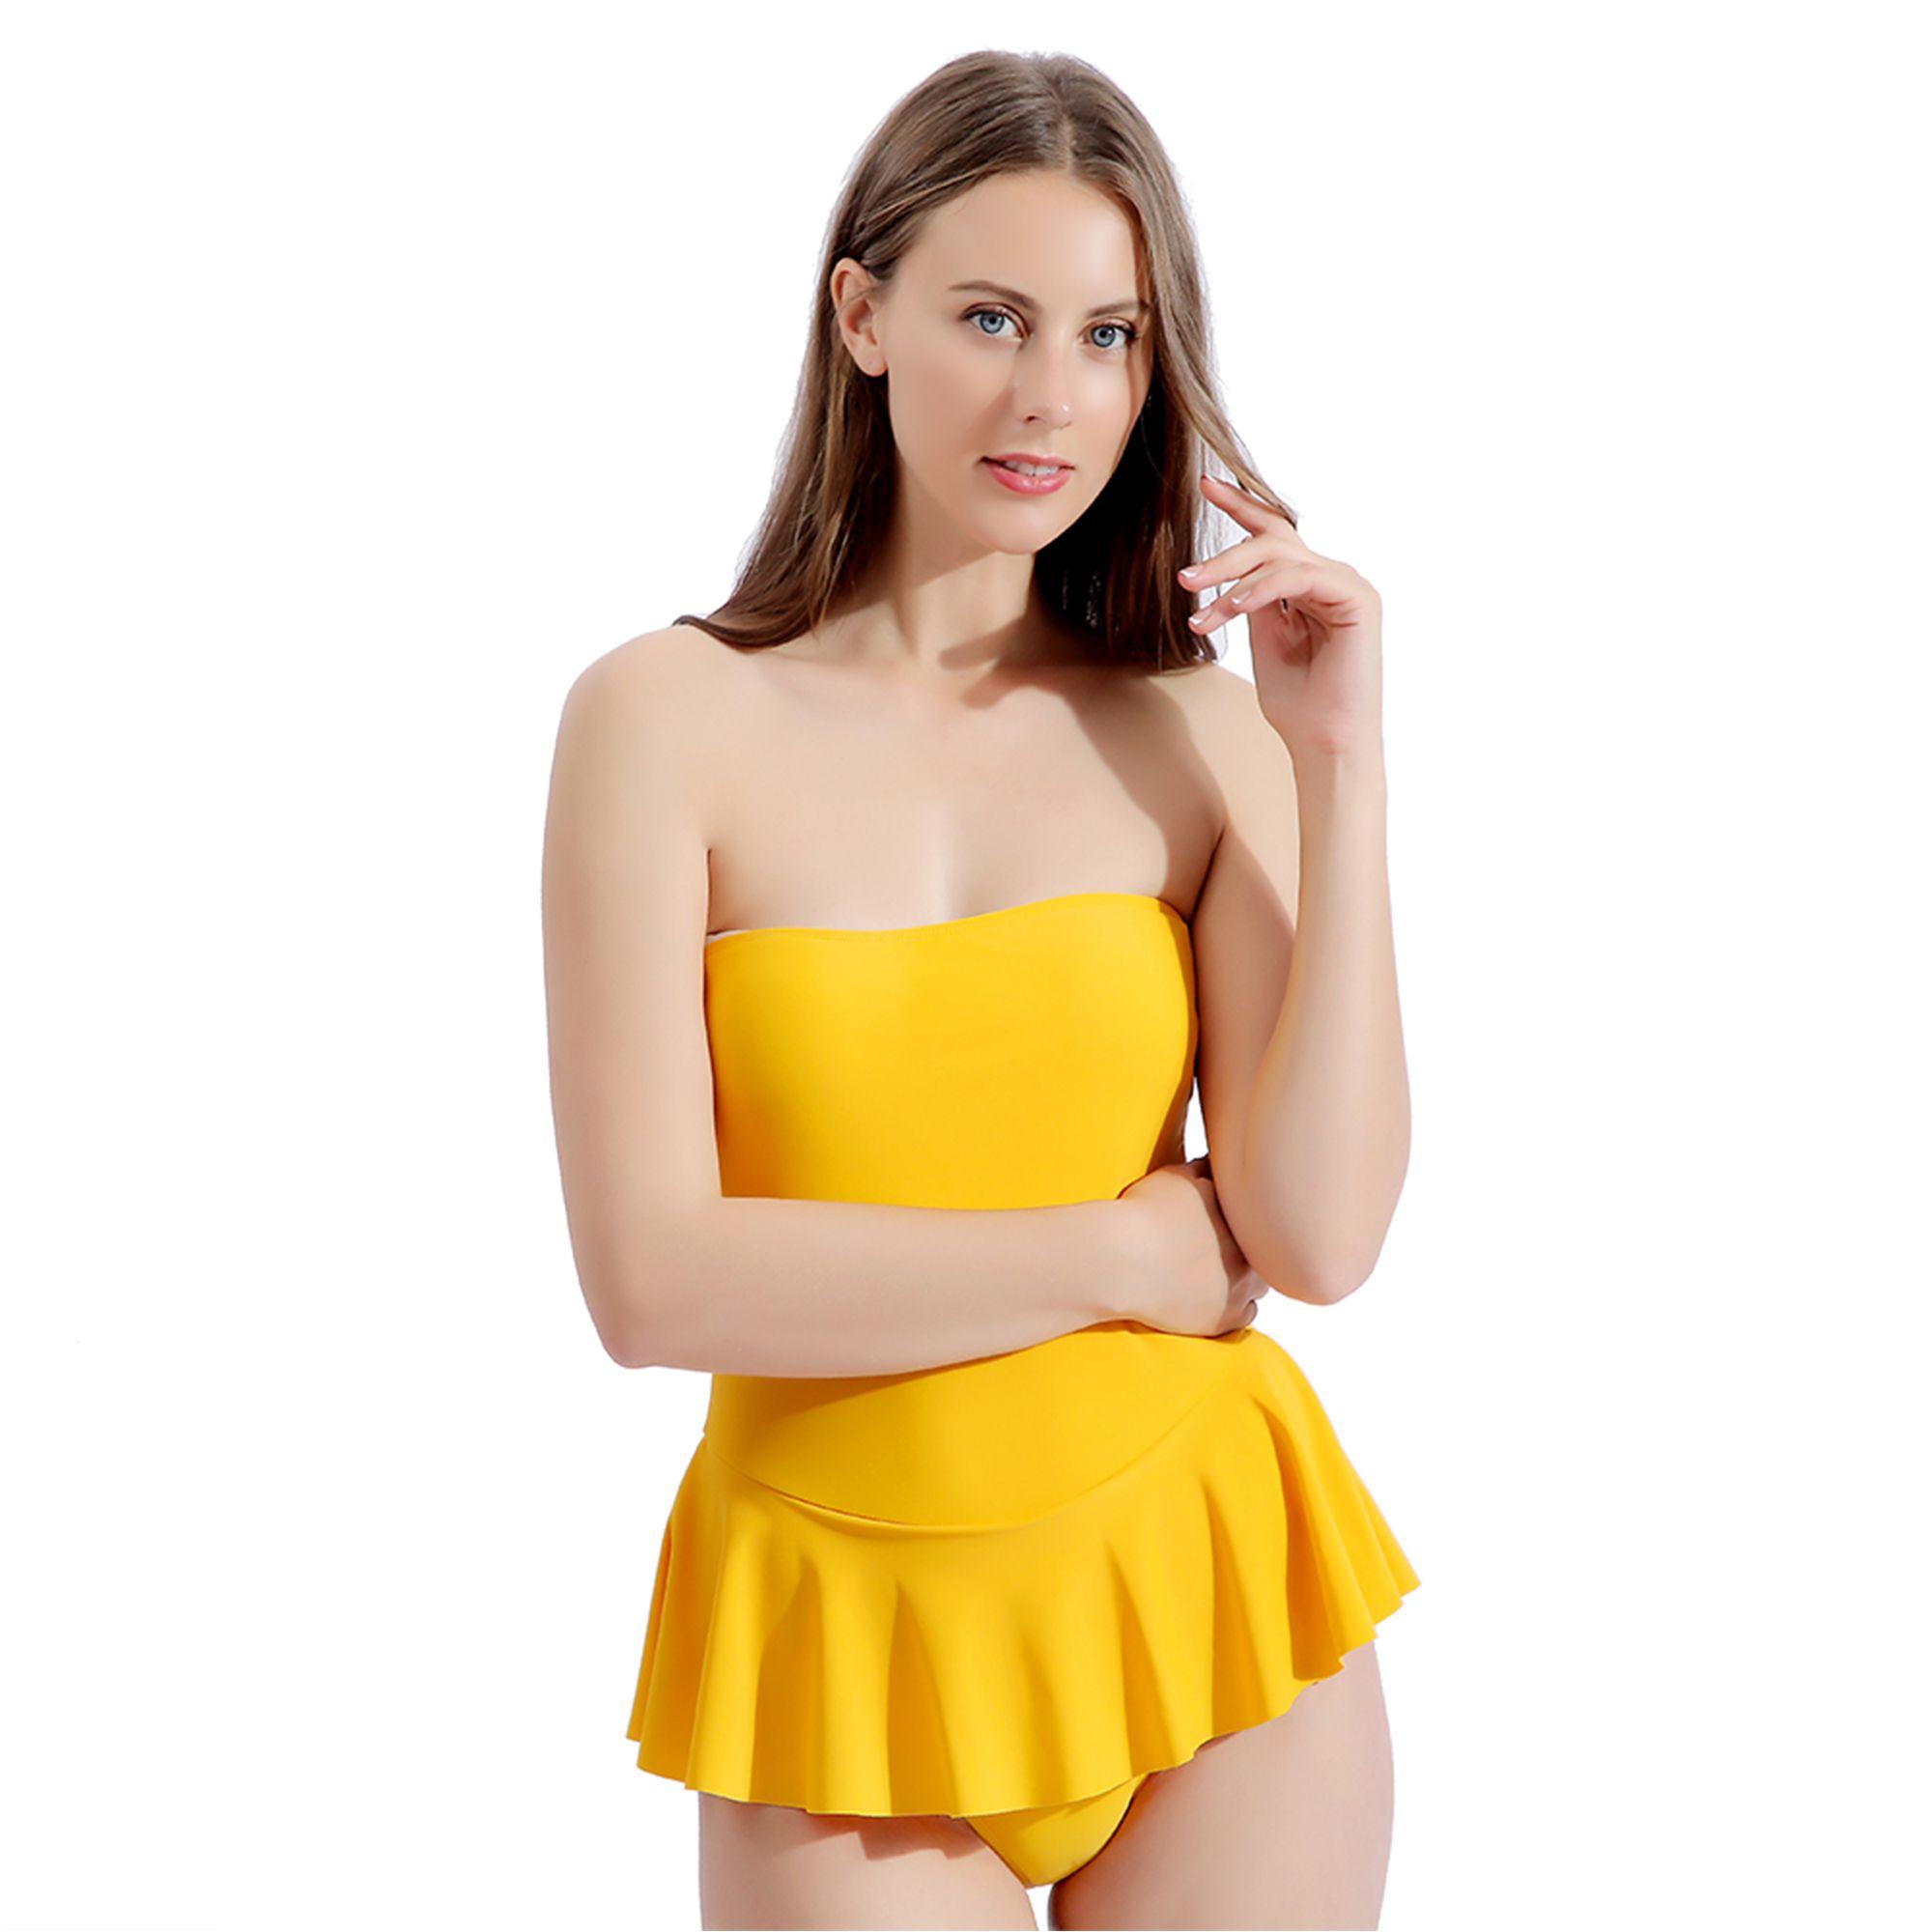 Femmes Maillot une pièce sexy Off épaule Beachwear froncé Flounce Couleur vive sans bretelles Tummy contrôle jupette jaune